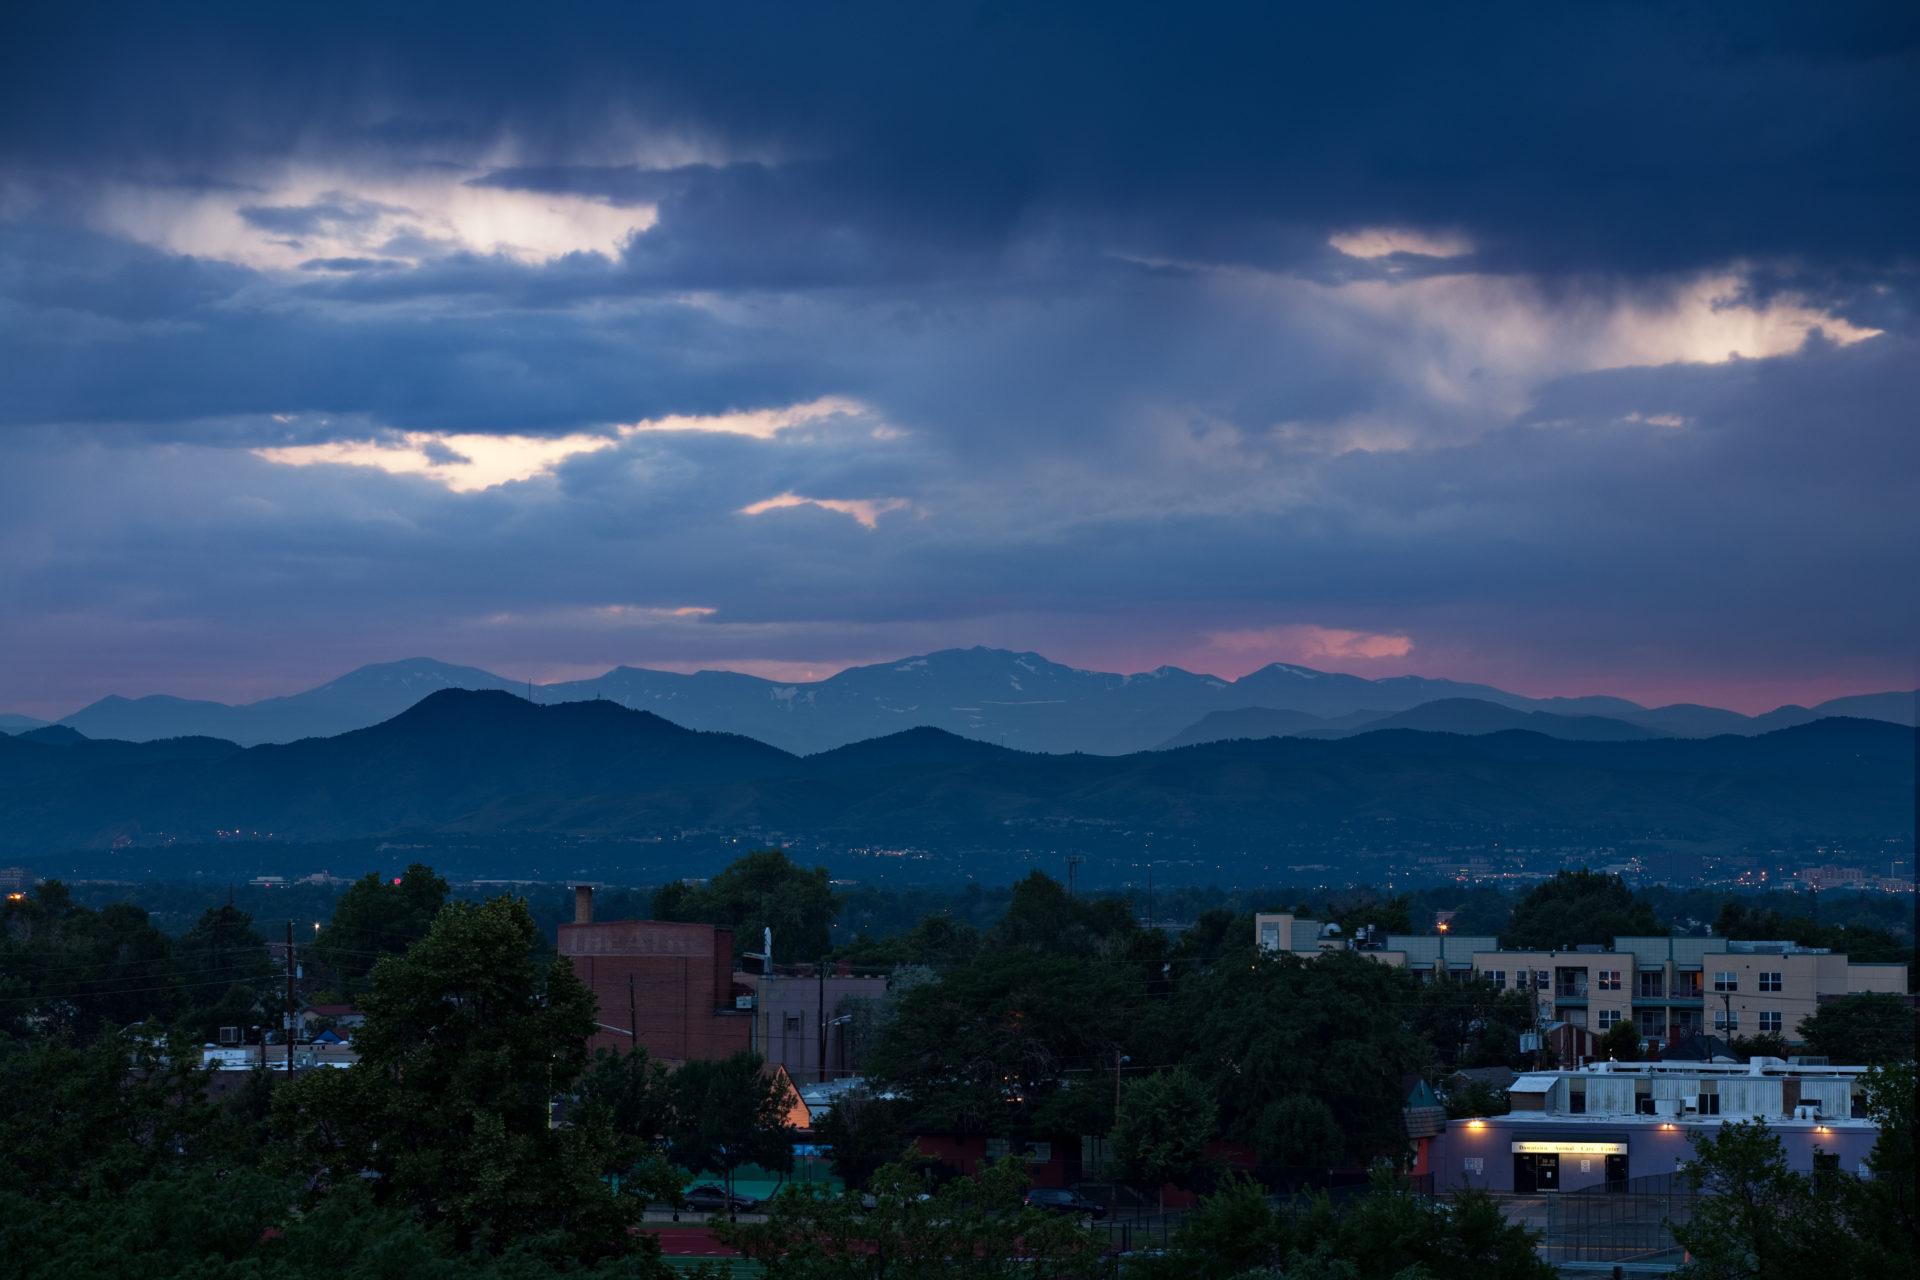 Mount Evans sunset - July 16, 2011